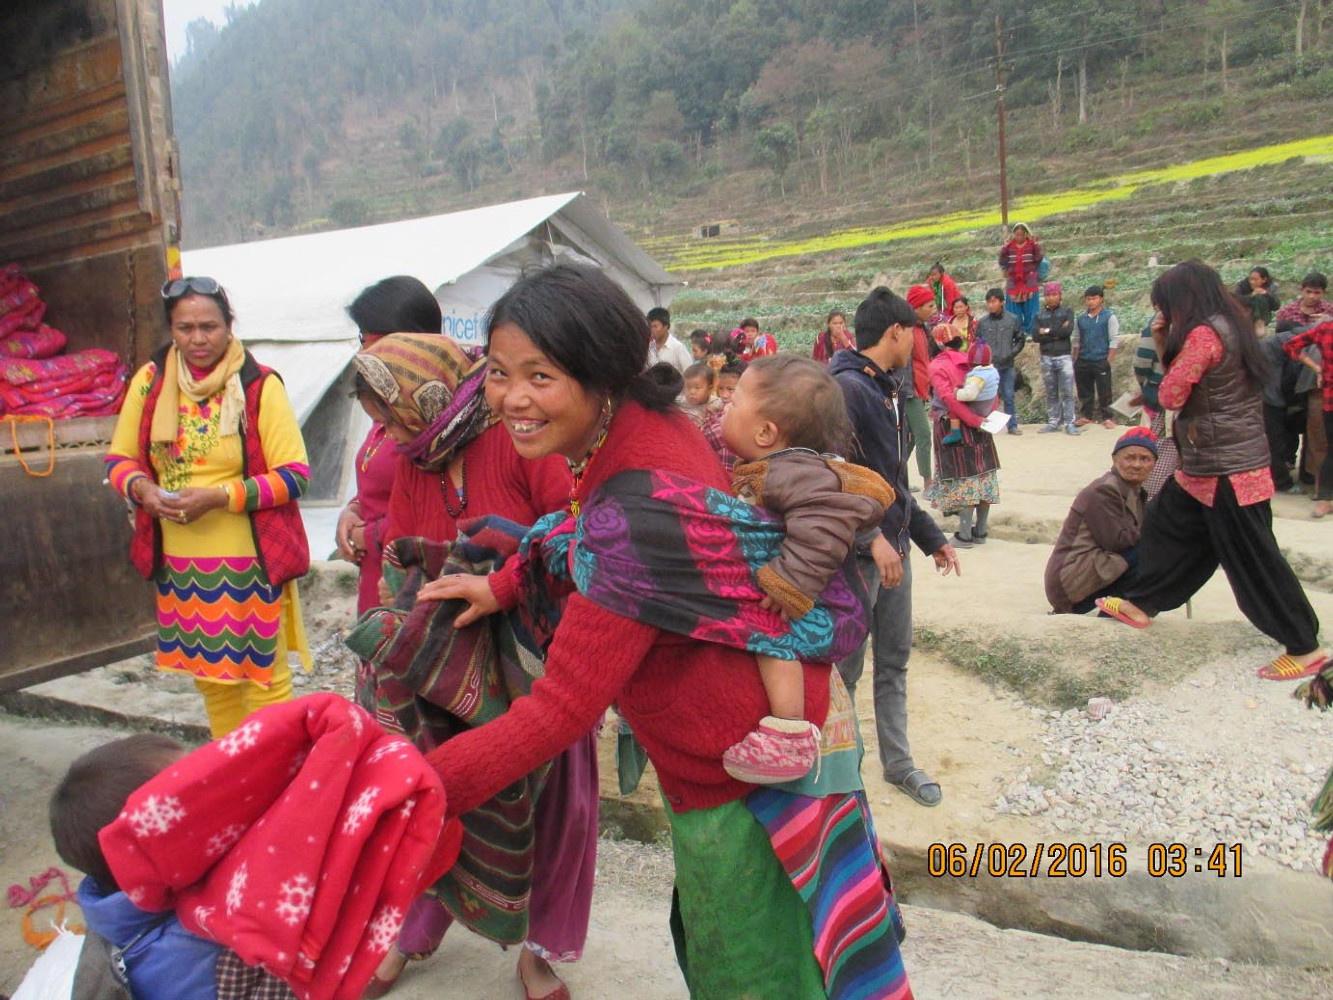 distribution de riz opéré par la Women Fondation après le tremblement de terre. Nous avons participé.